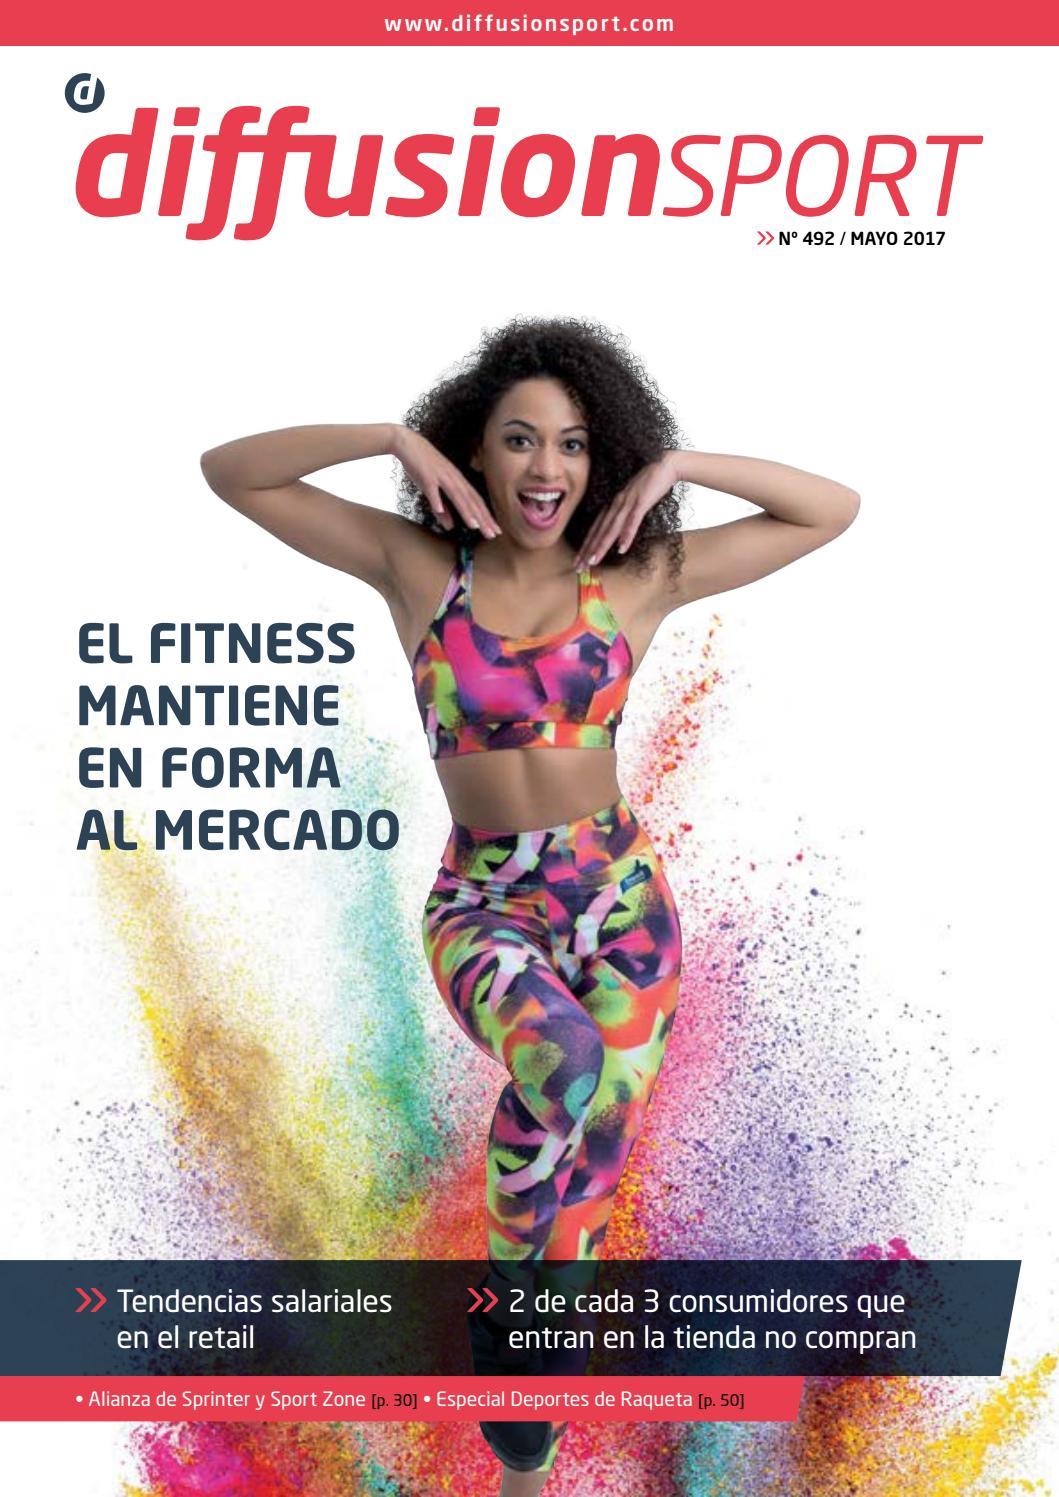 Diffusion Sport - 492 by Peldaño - issuu 1480e33f217e2